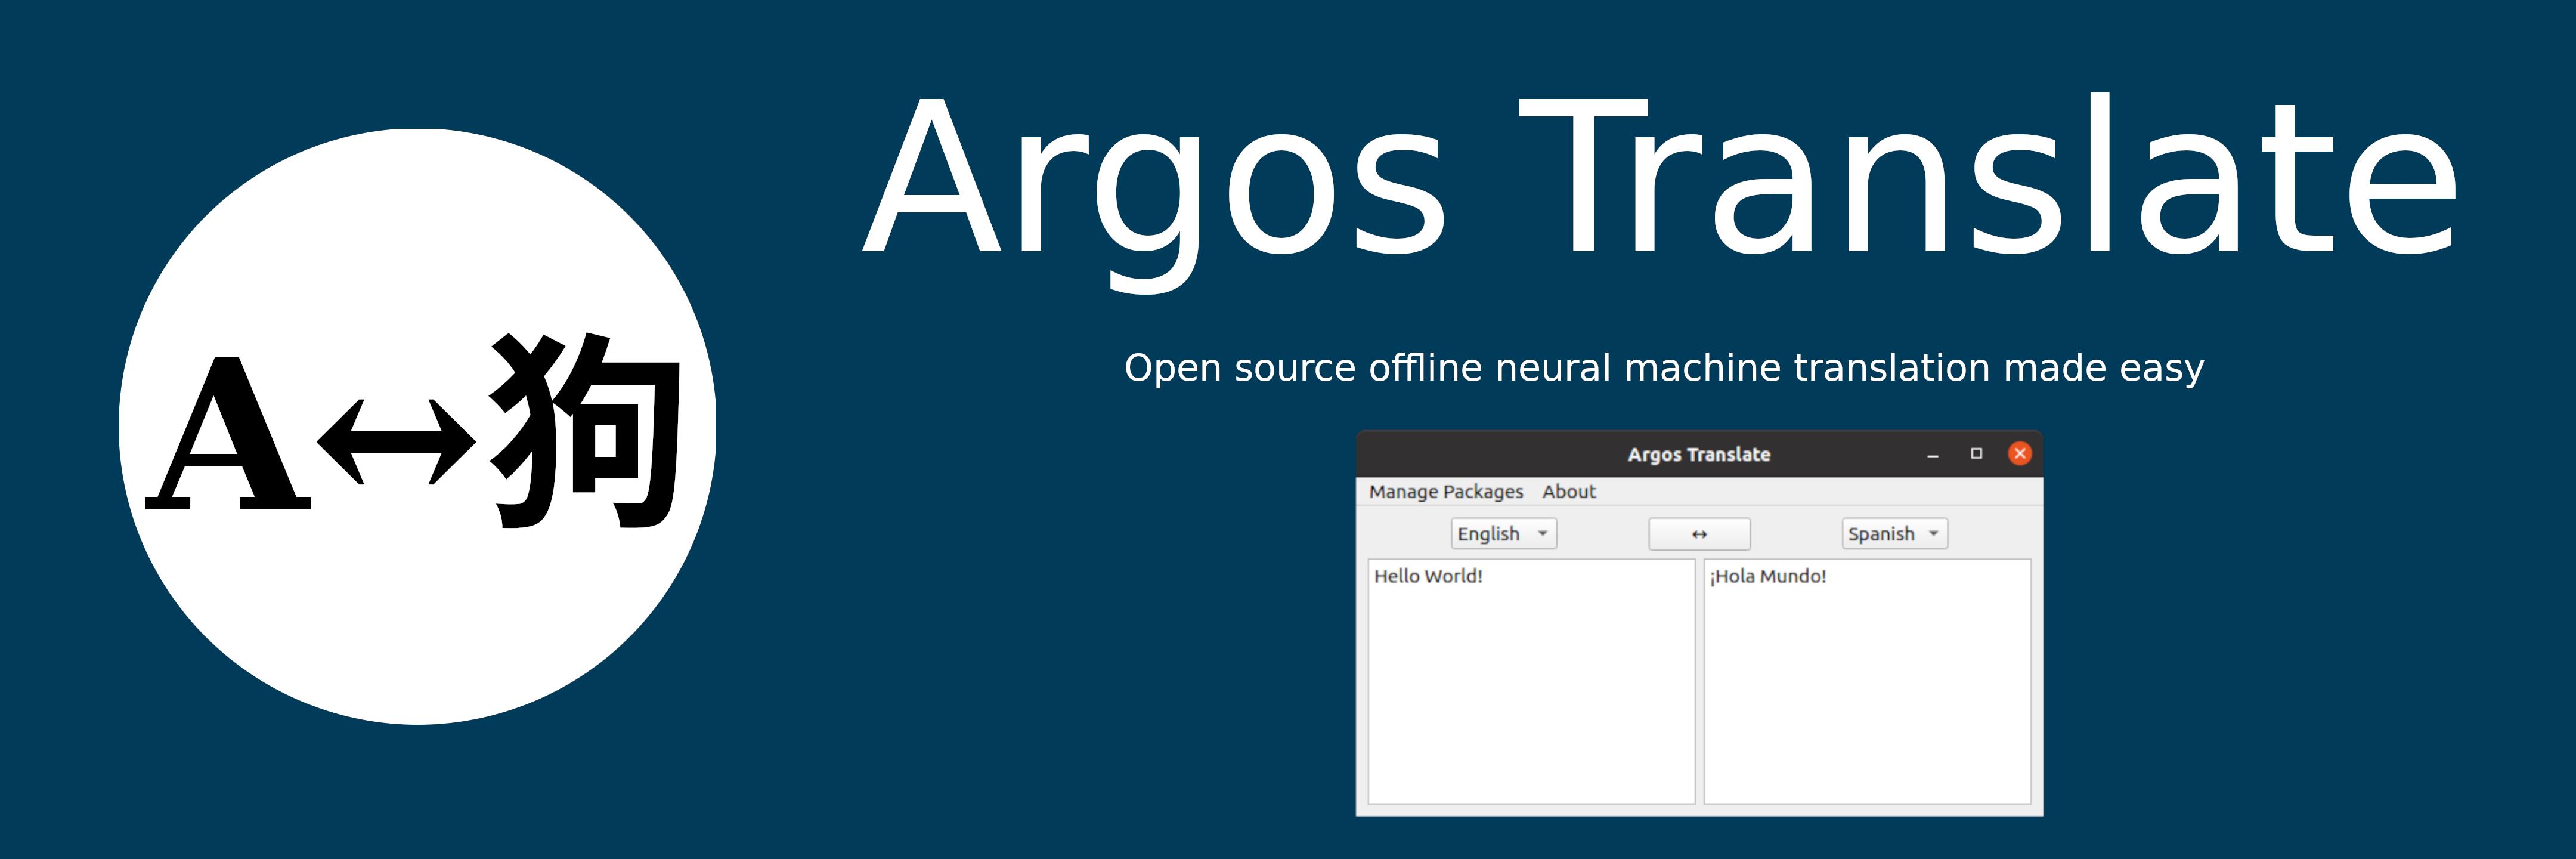 Argos Translate banner